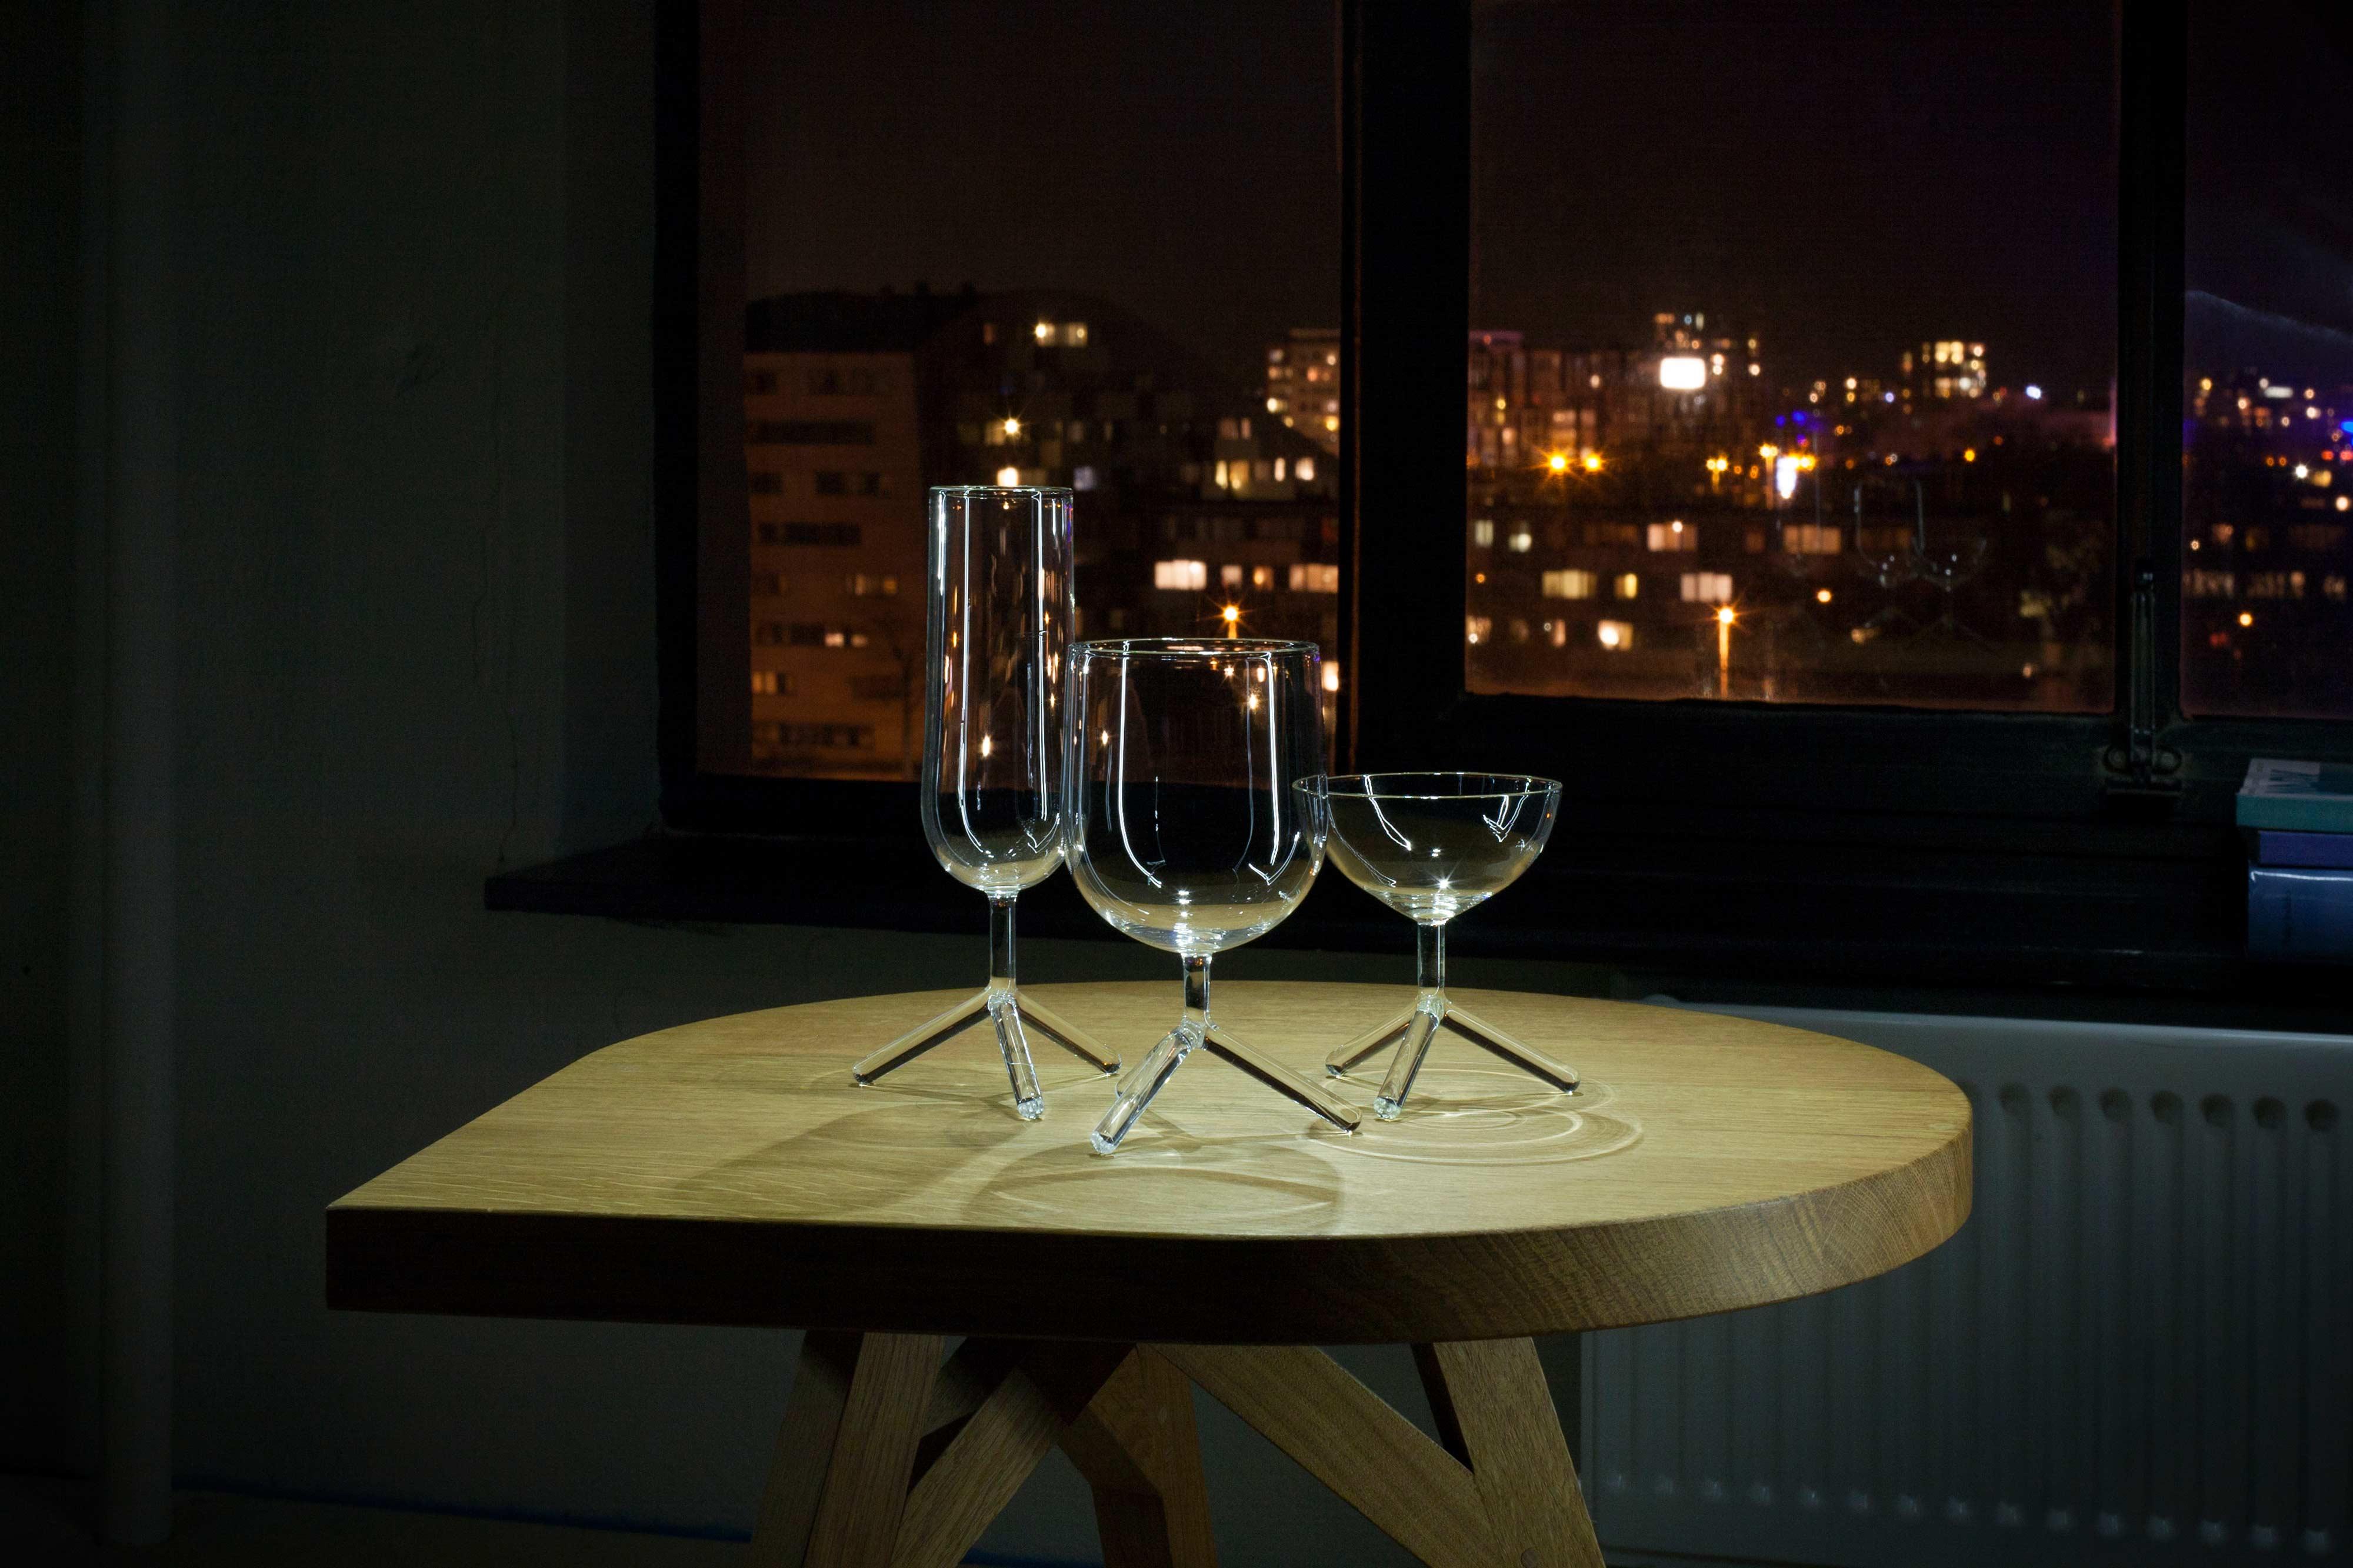 Tripod Glasses by Maarten Baptist